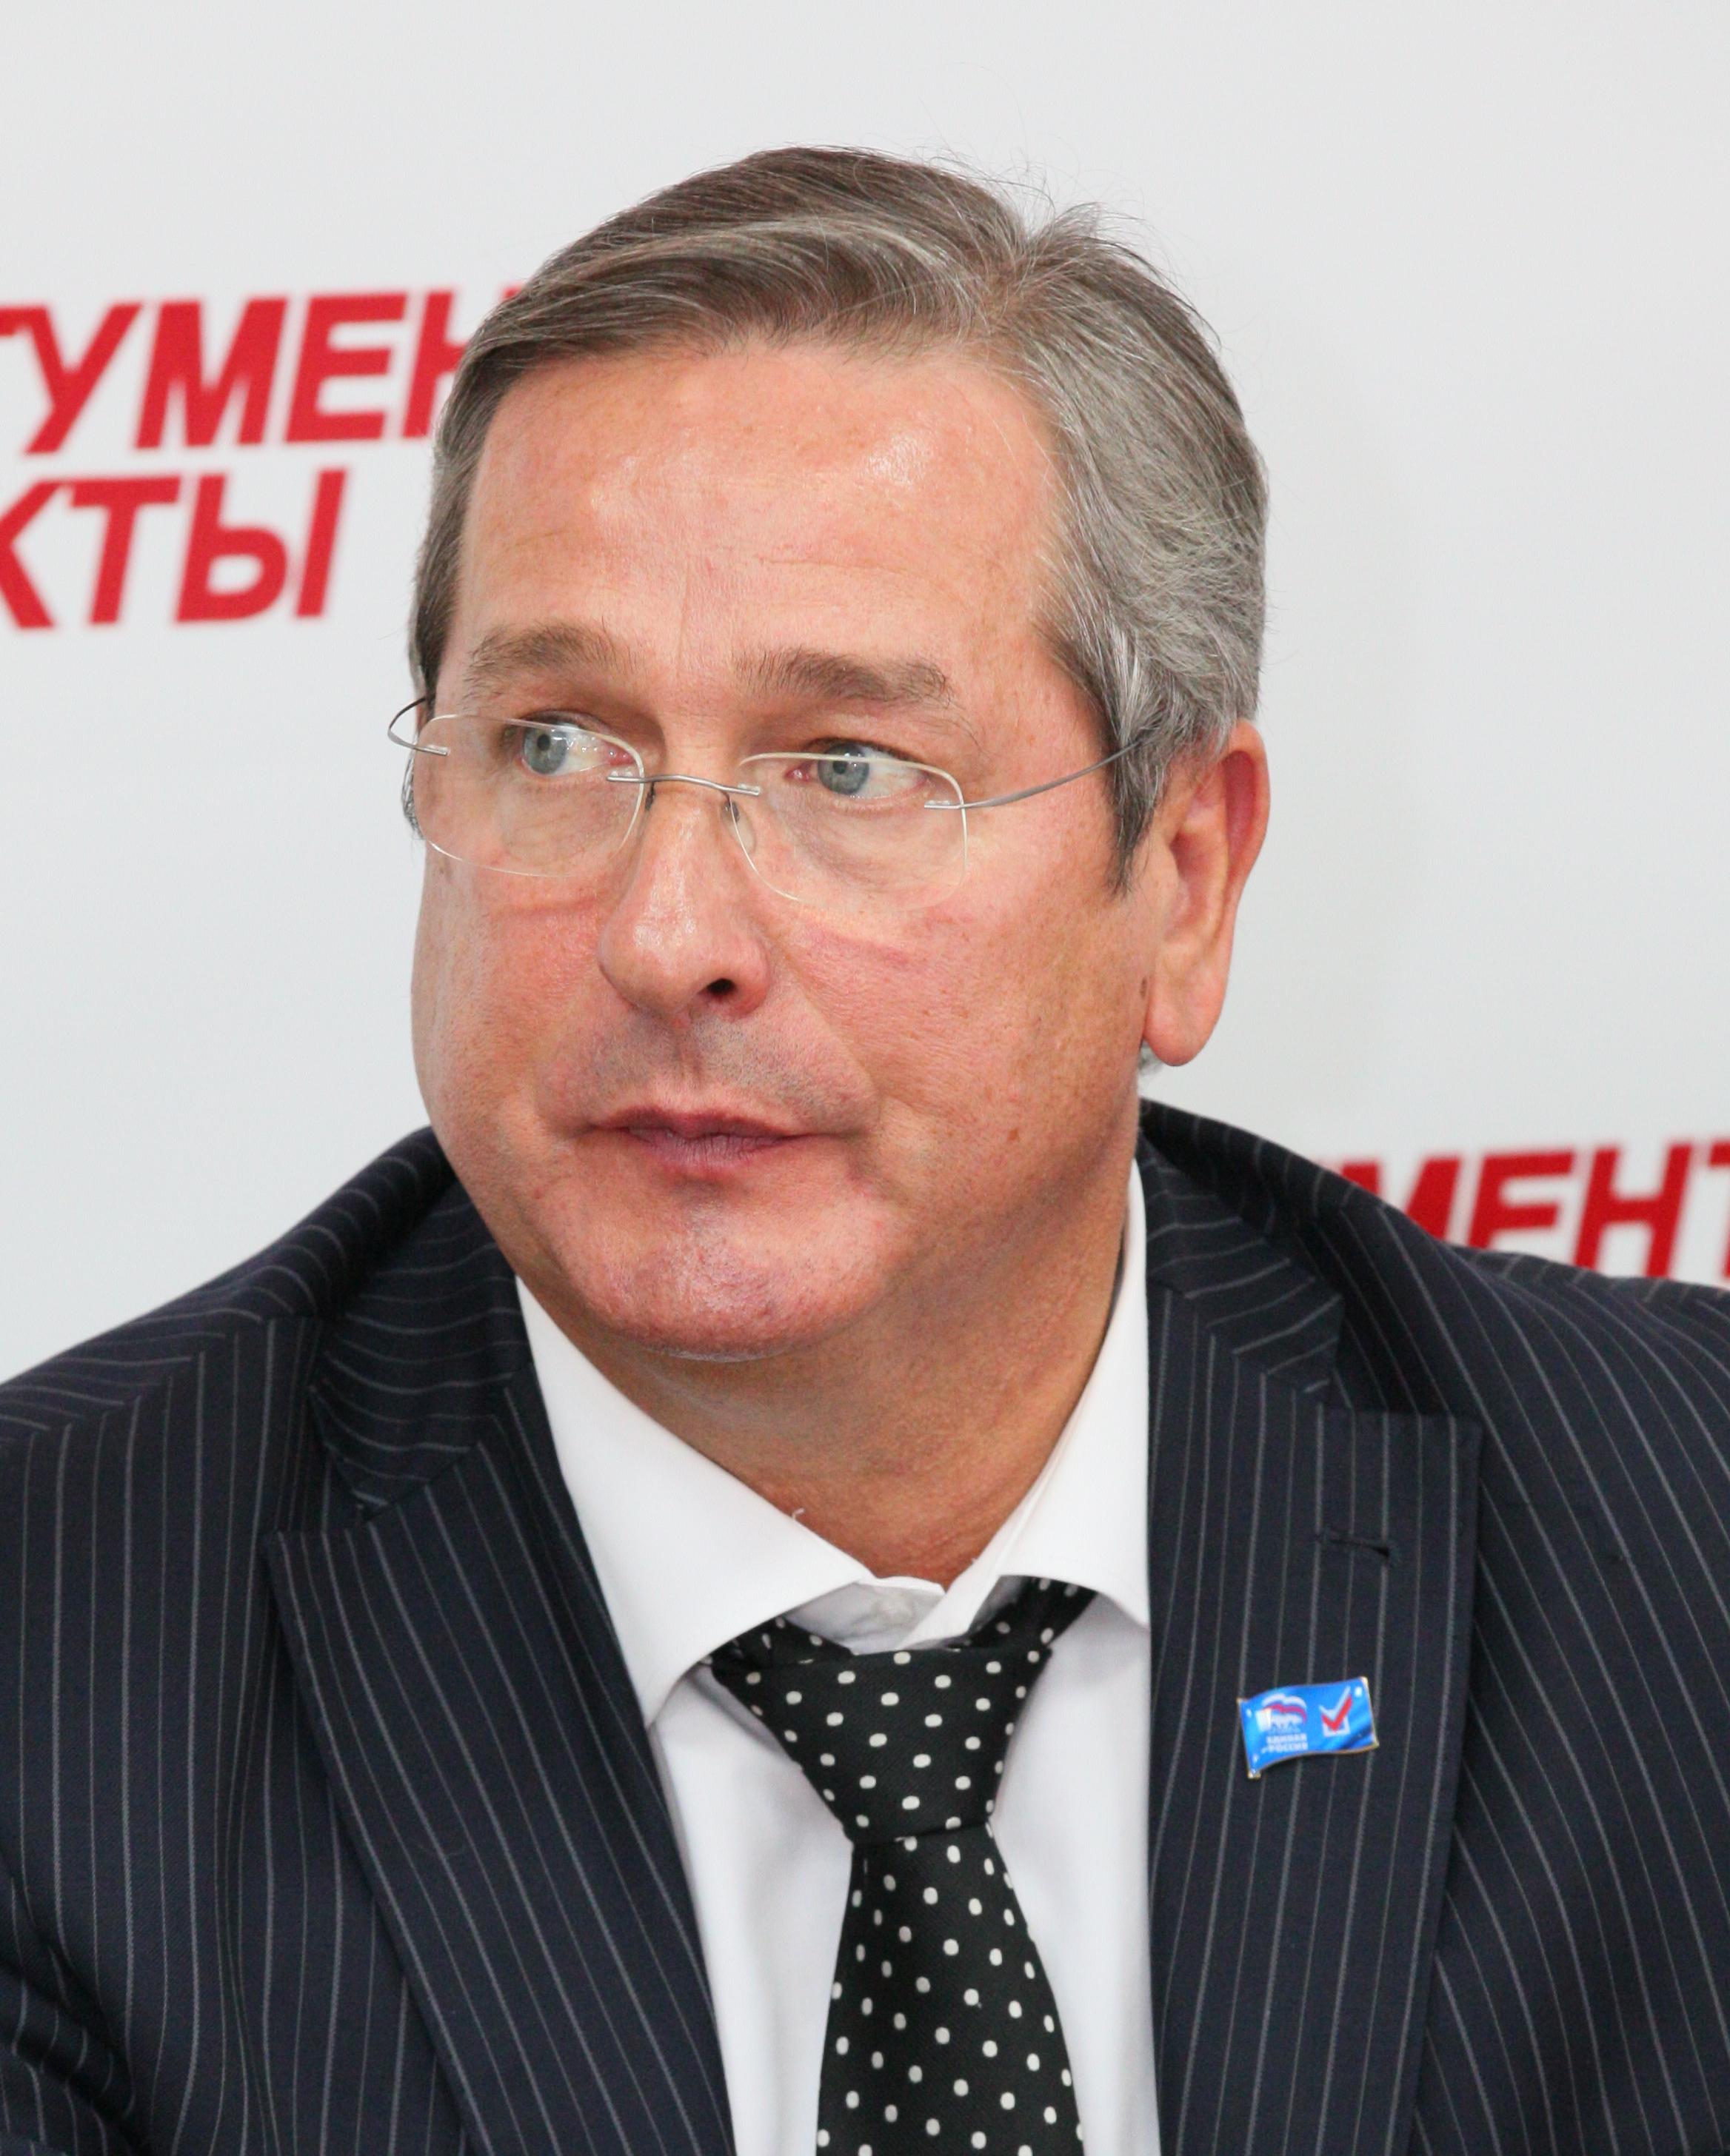 Александр Гончаров, уполномоченный по защите прав предпринимателей в Челябинской области